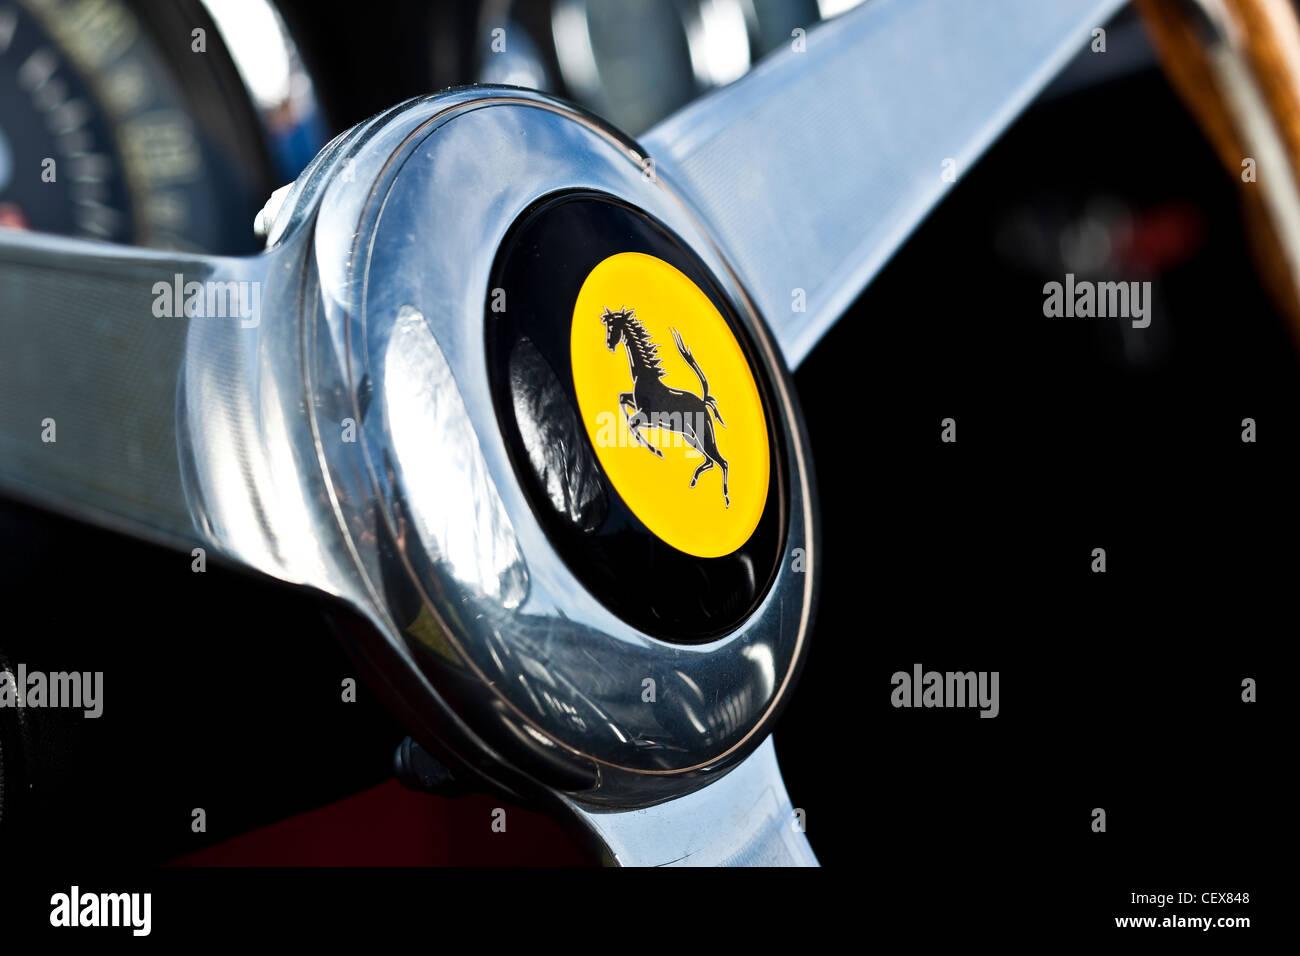 Volante dettaglio della Ferrari California auto sportiva Immagini Stock